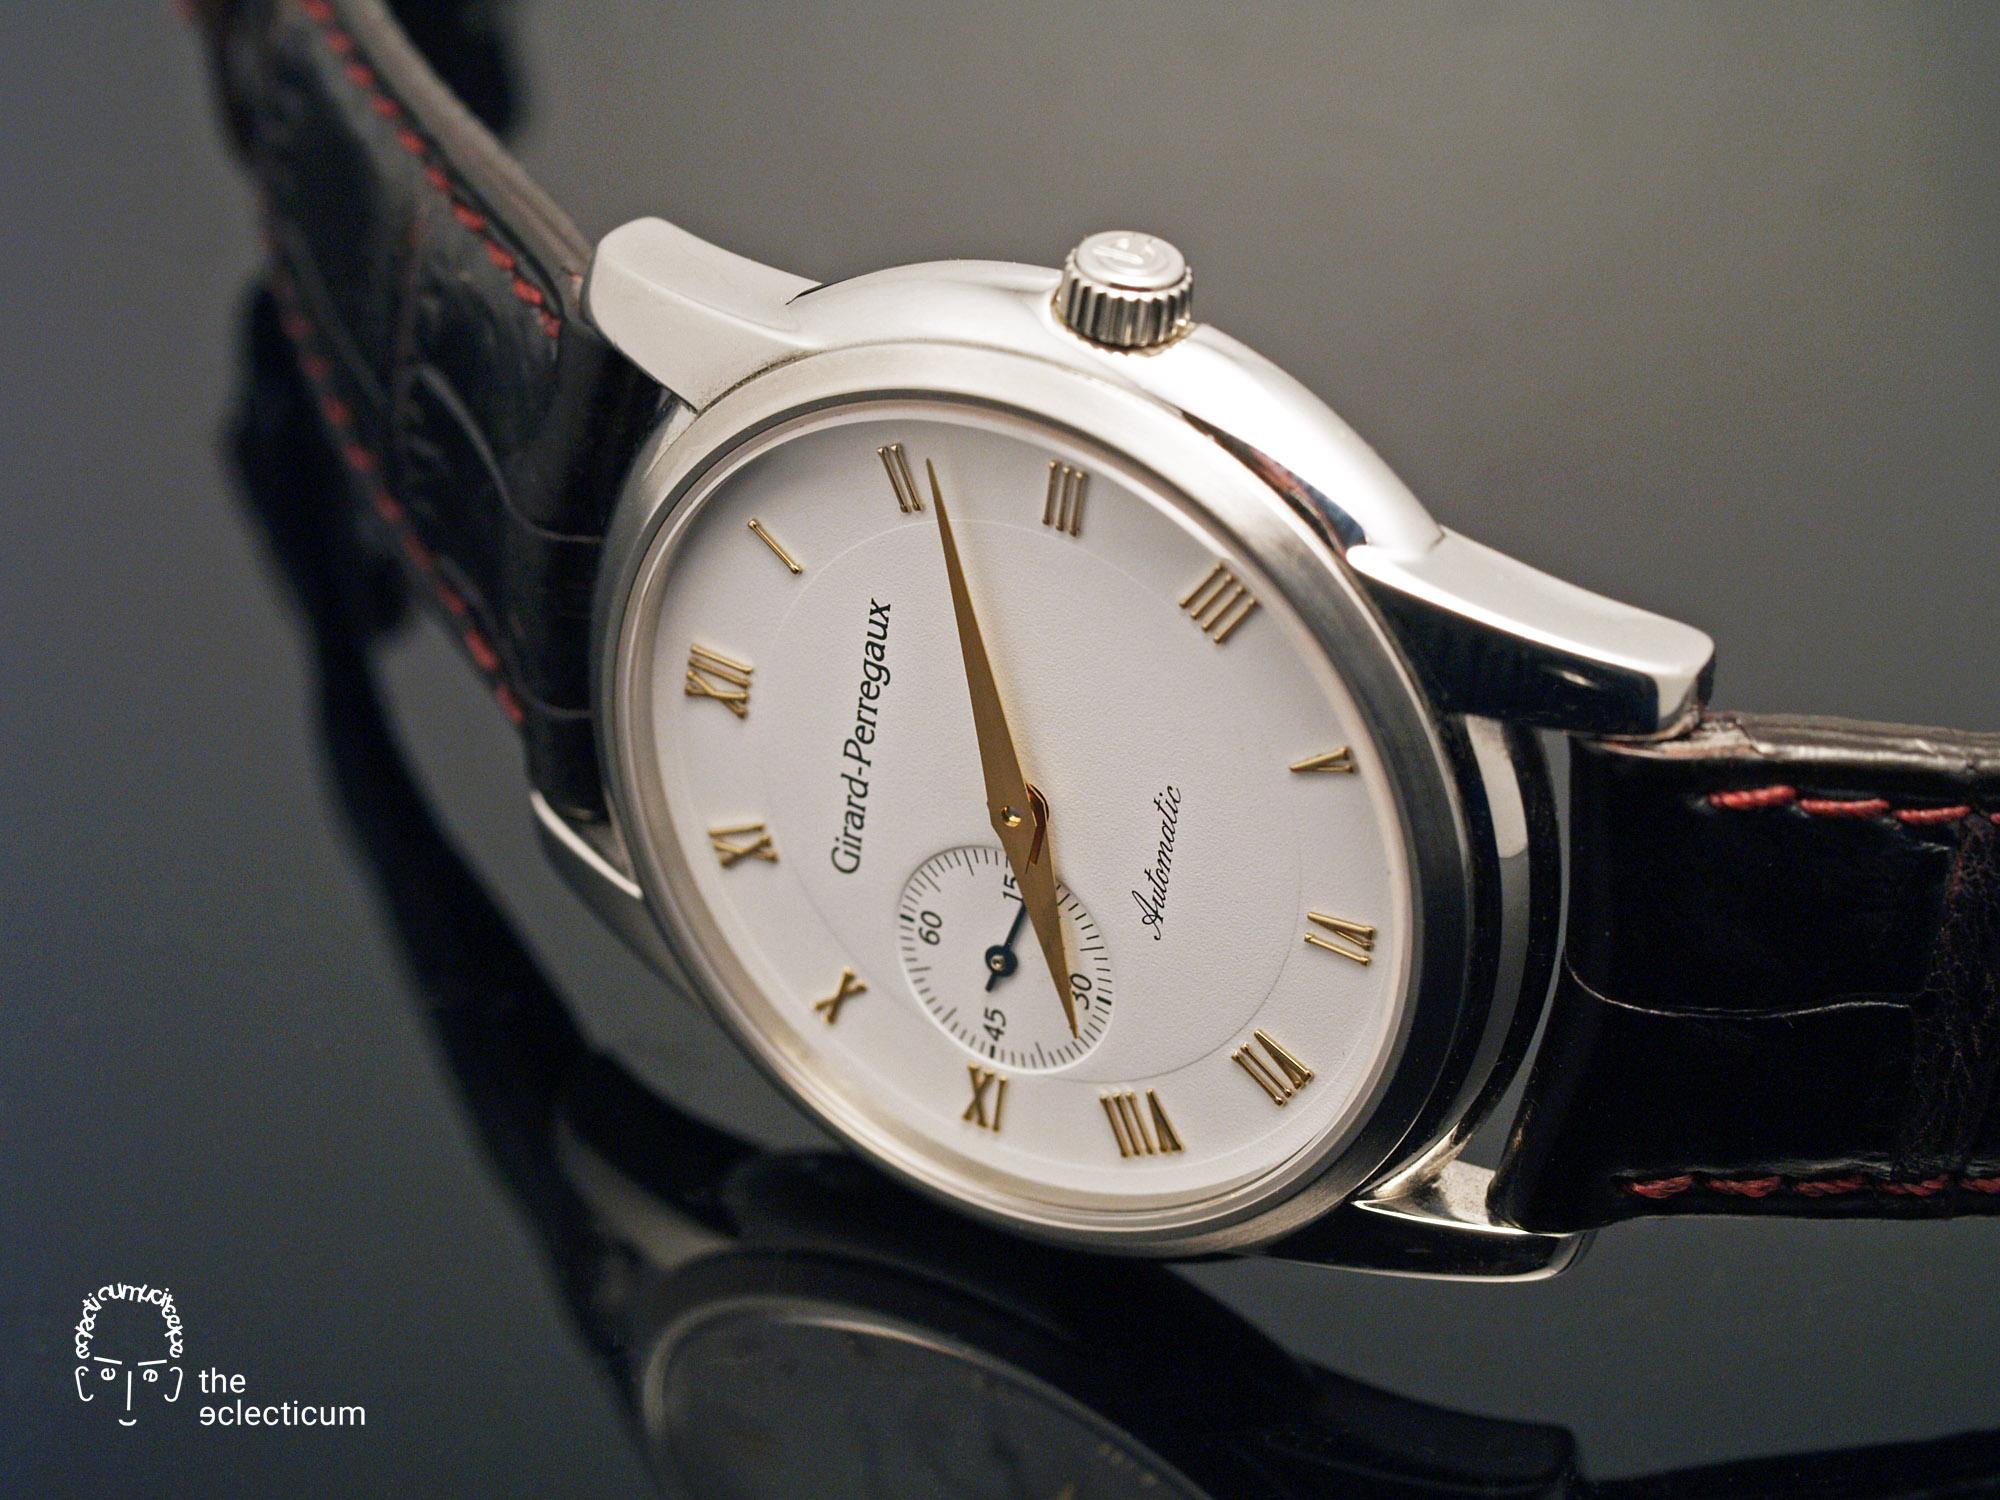 irard Perregaux Classique Elegance Ref. 90500